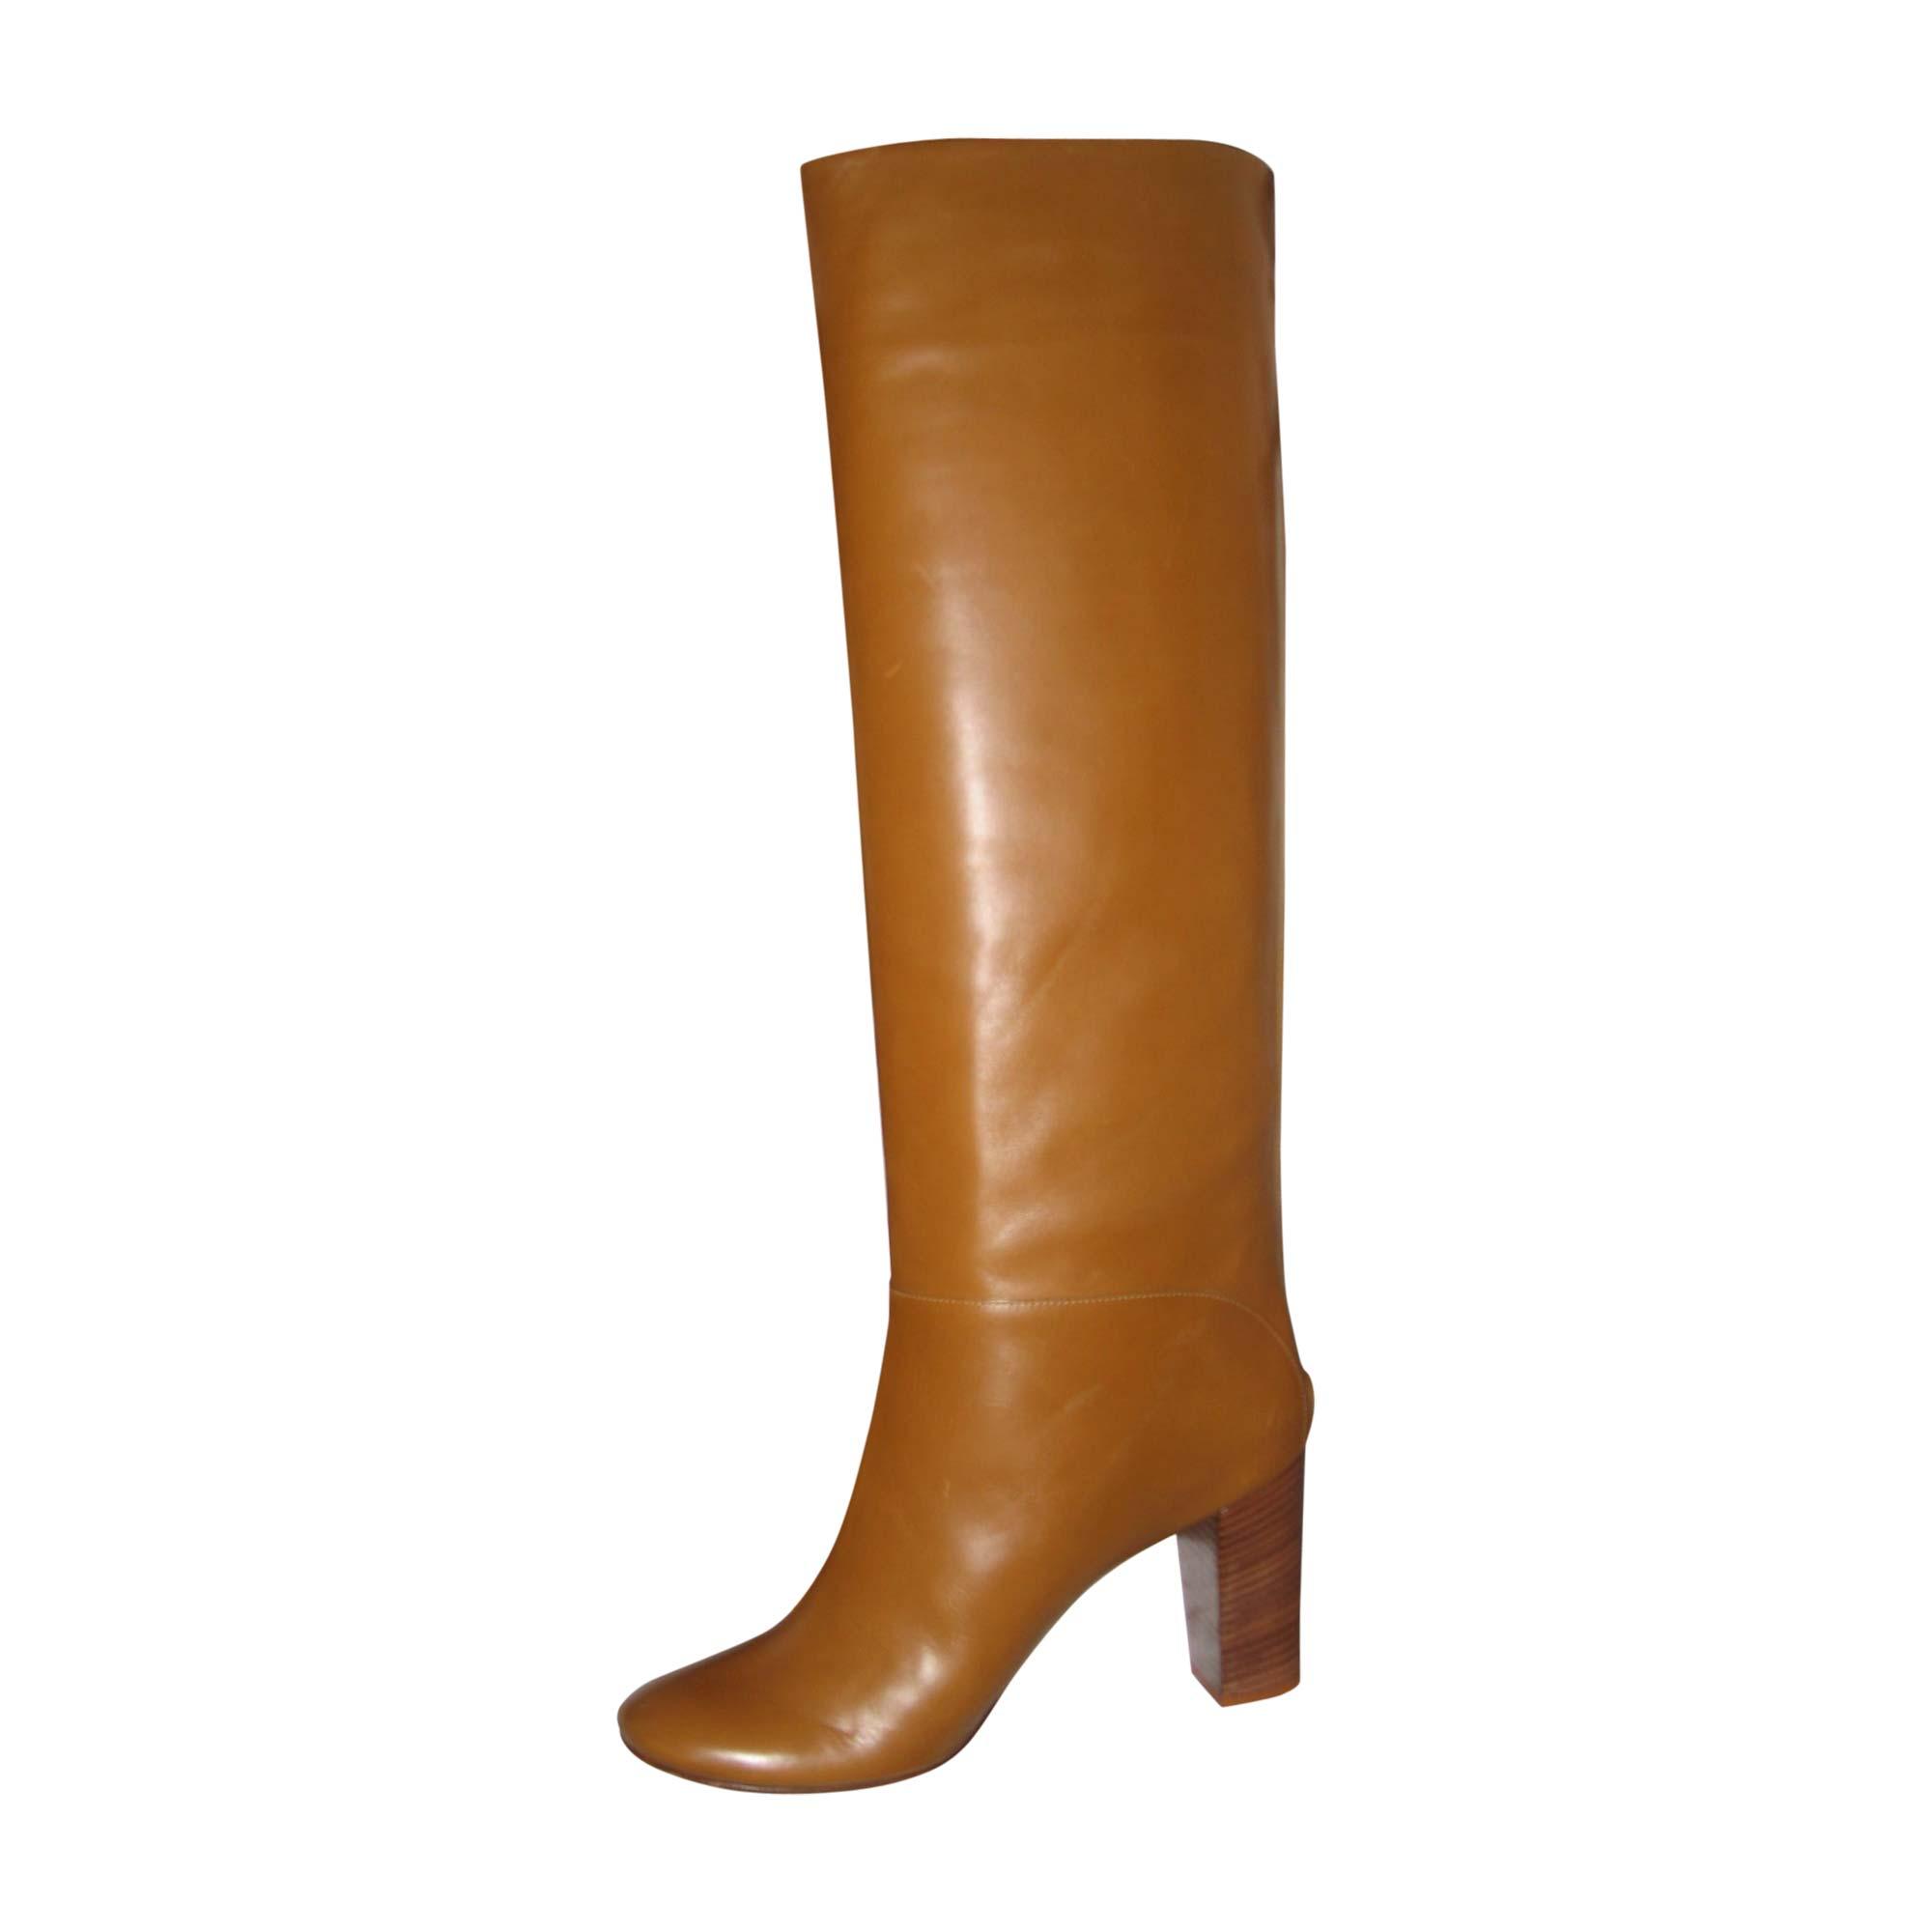 Stivali con tacchi CÉLINE Beige, cammello